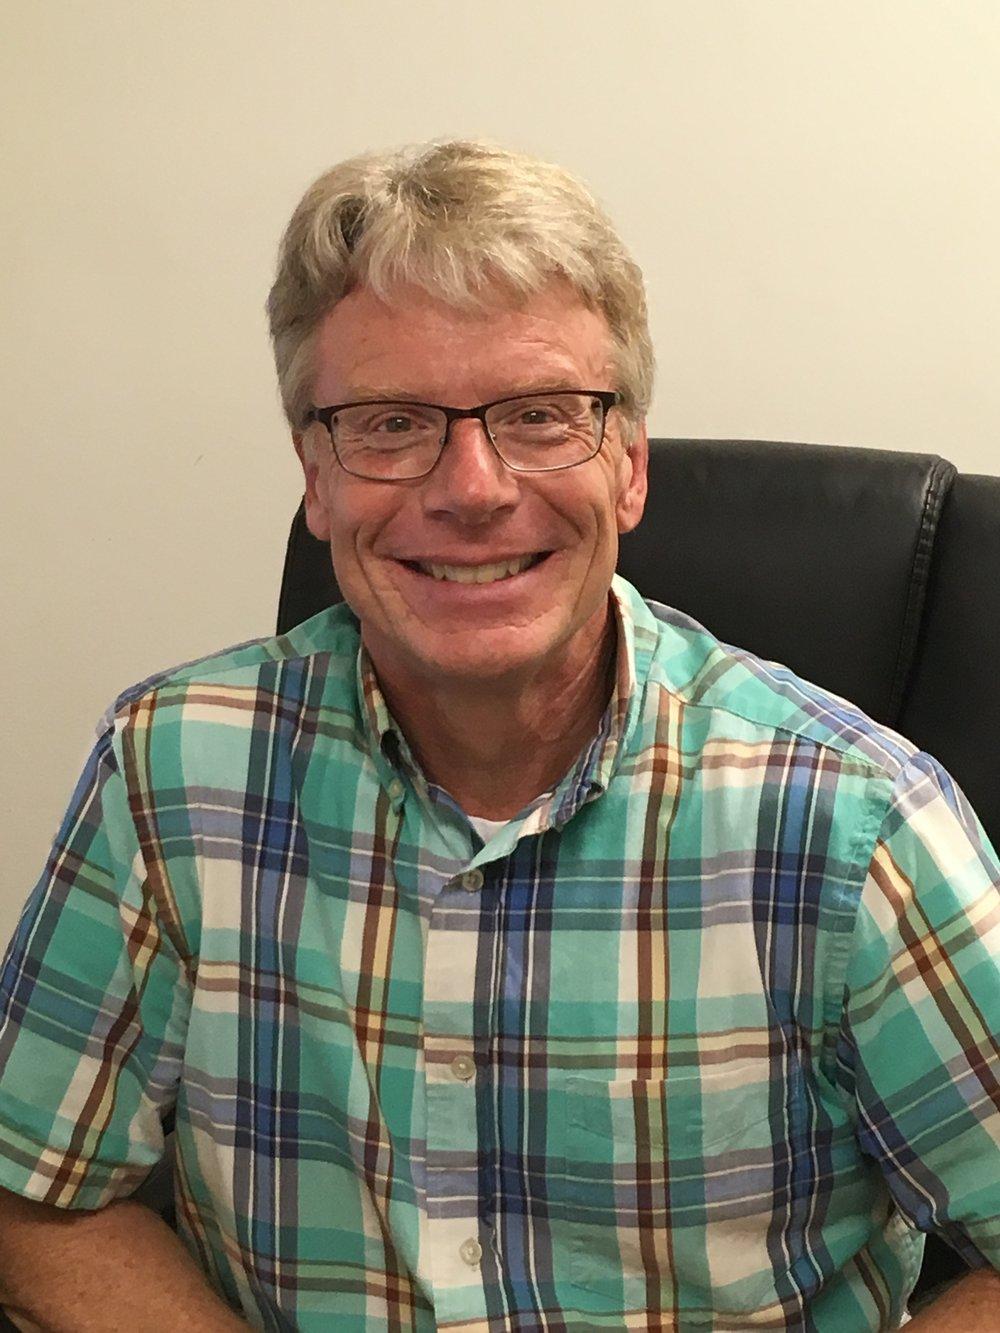 Mike Wiemann, Sales 678-593-8883 mike@herculessealcoat.com